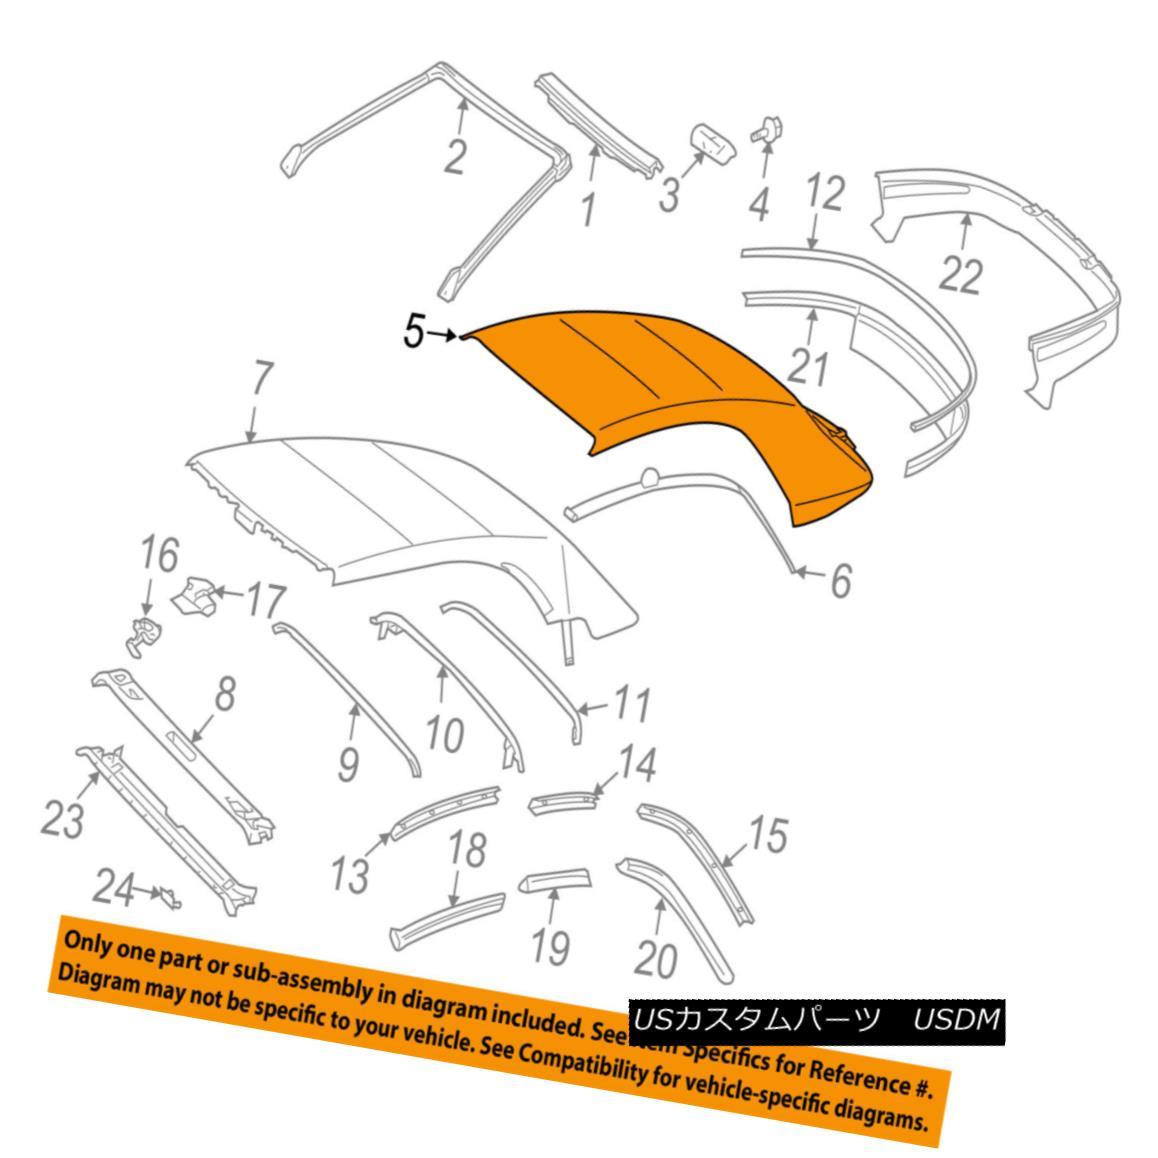 幌・ソフトトップ TOYOTA OEM 04-08 Solara Convertible/soft Top-Top Cover 6591106012E0 TOYOTA OEM 04-08ソララ・コンバーチブル/ so ftトップ・トップ・カバー6591106012E0